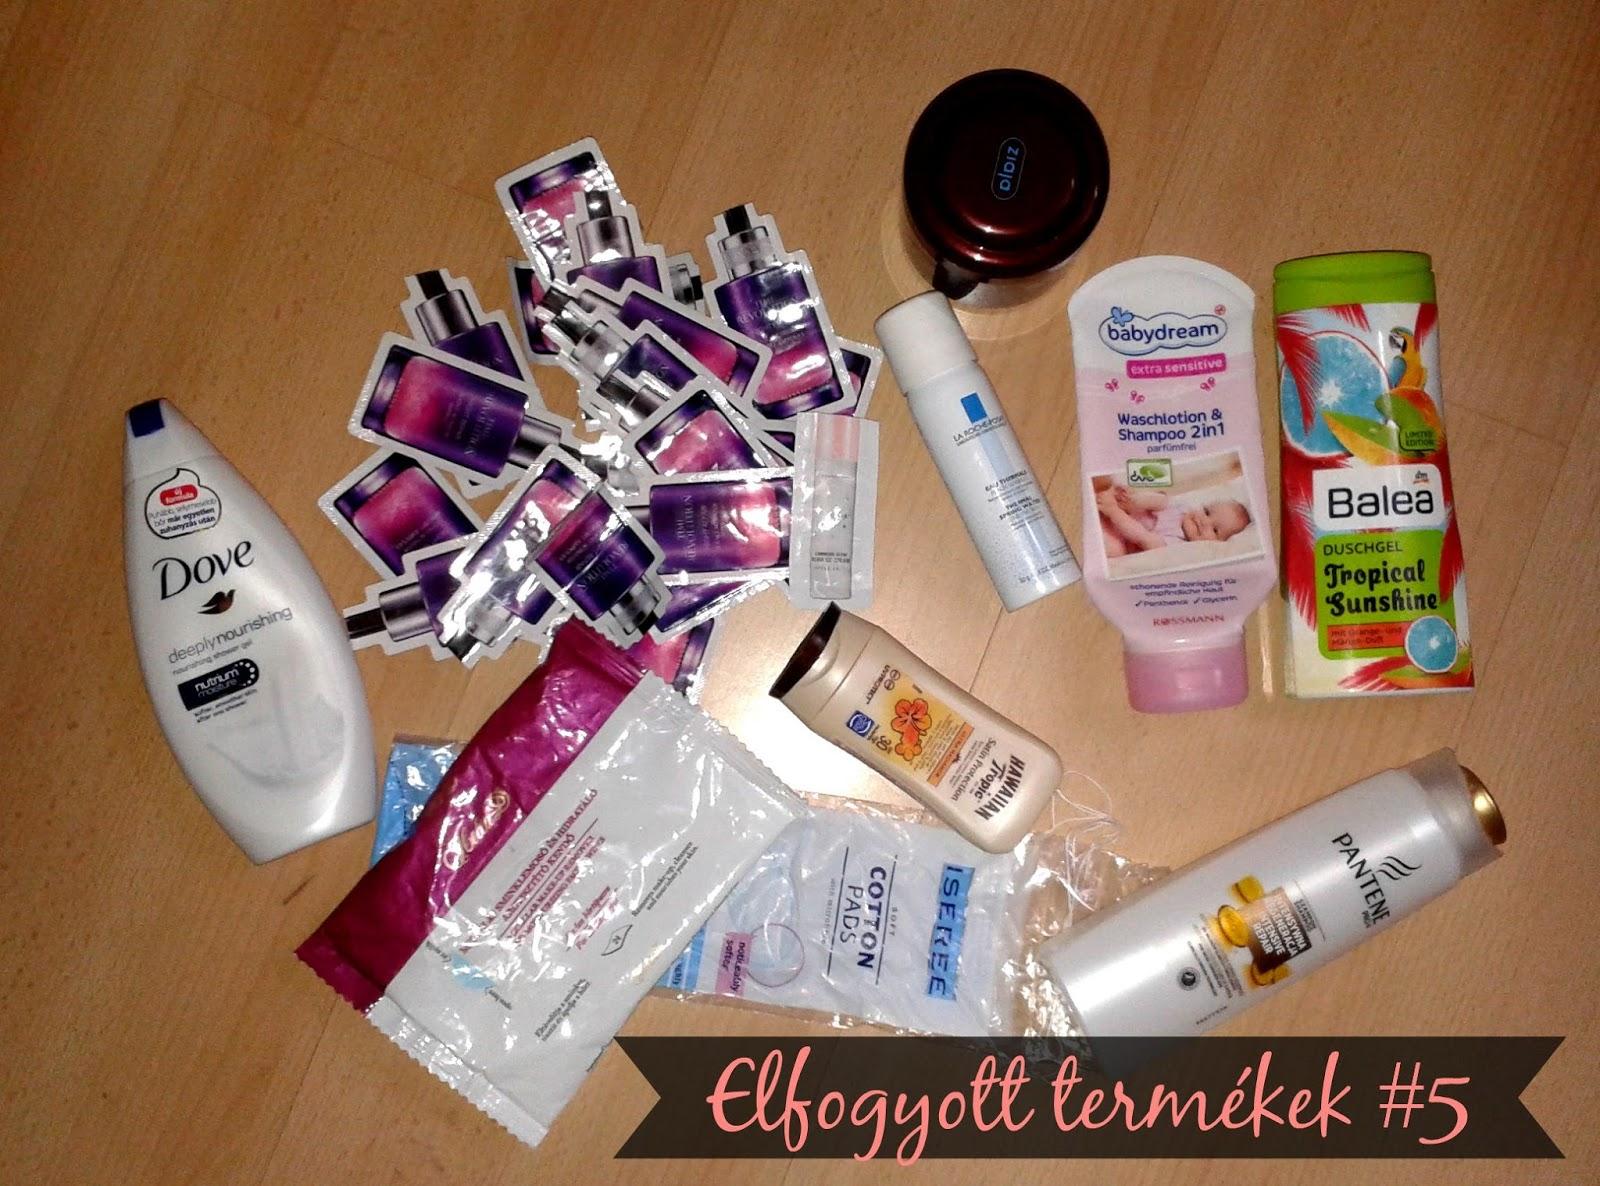 db59f73b6f Elfogyott termékek #5 - rövid tesztek - Beauty & Glamour Blog